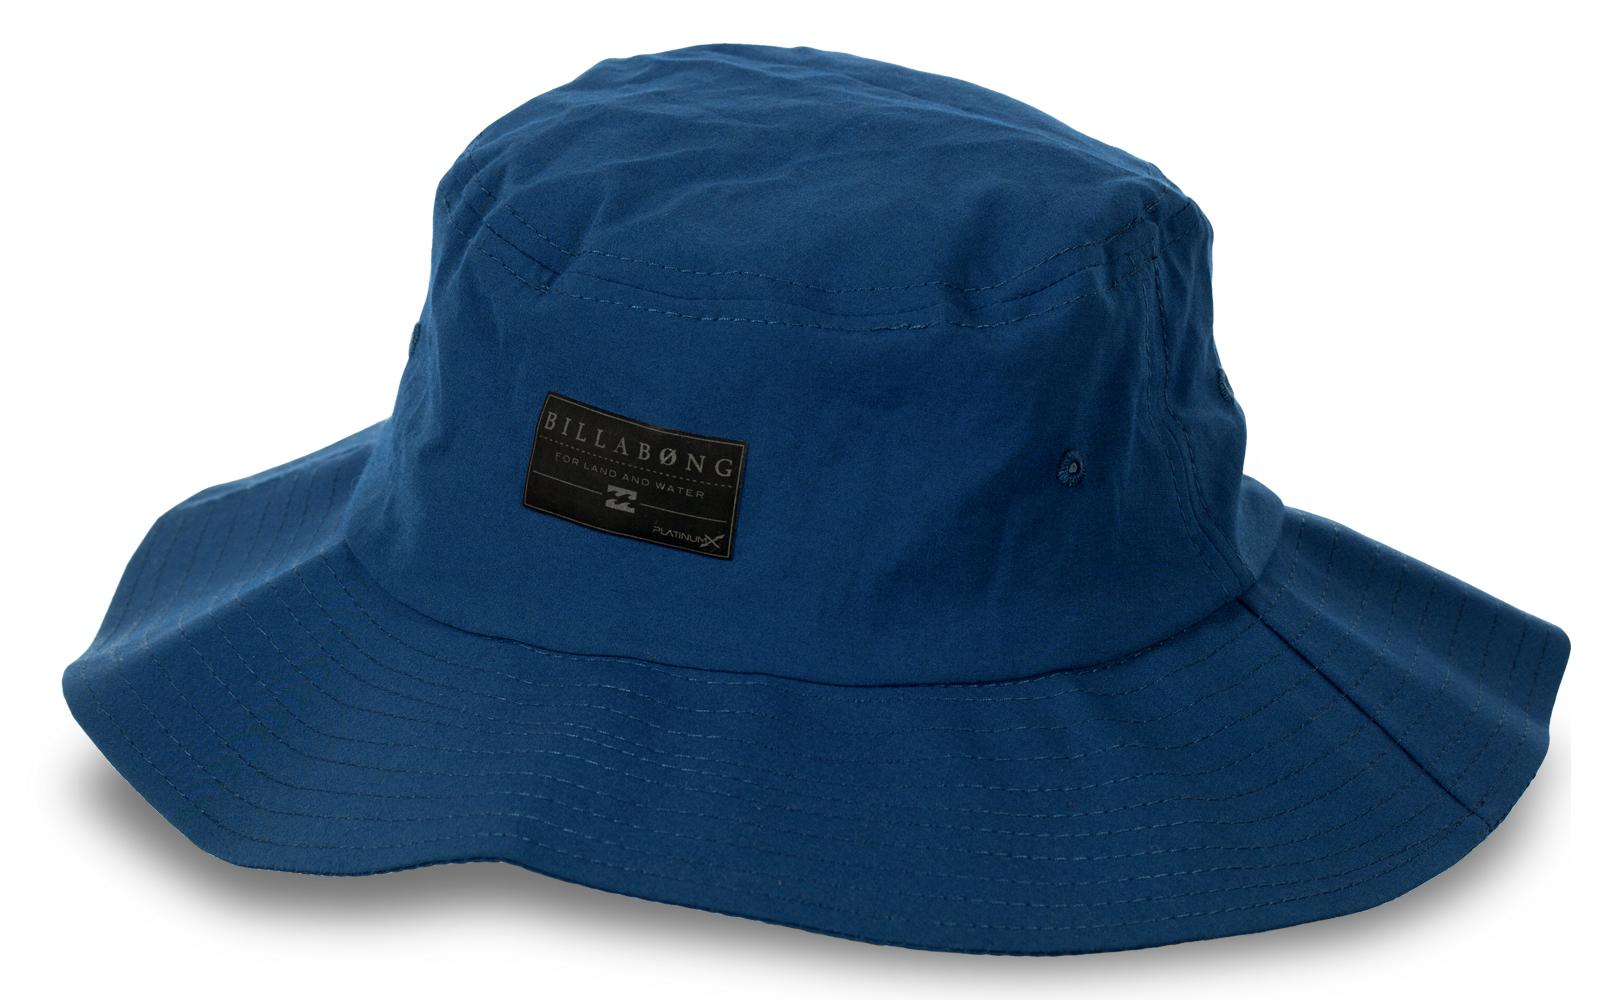 Брендовая шляпа-панама Billabong - купить оптом с доставкой